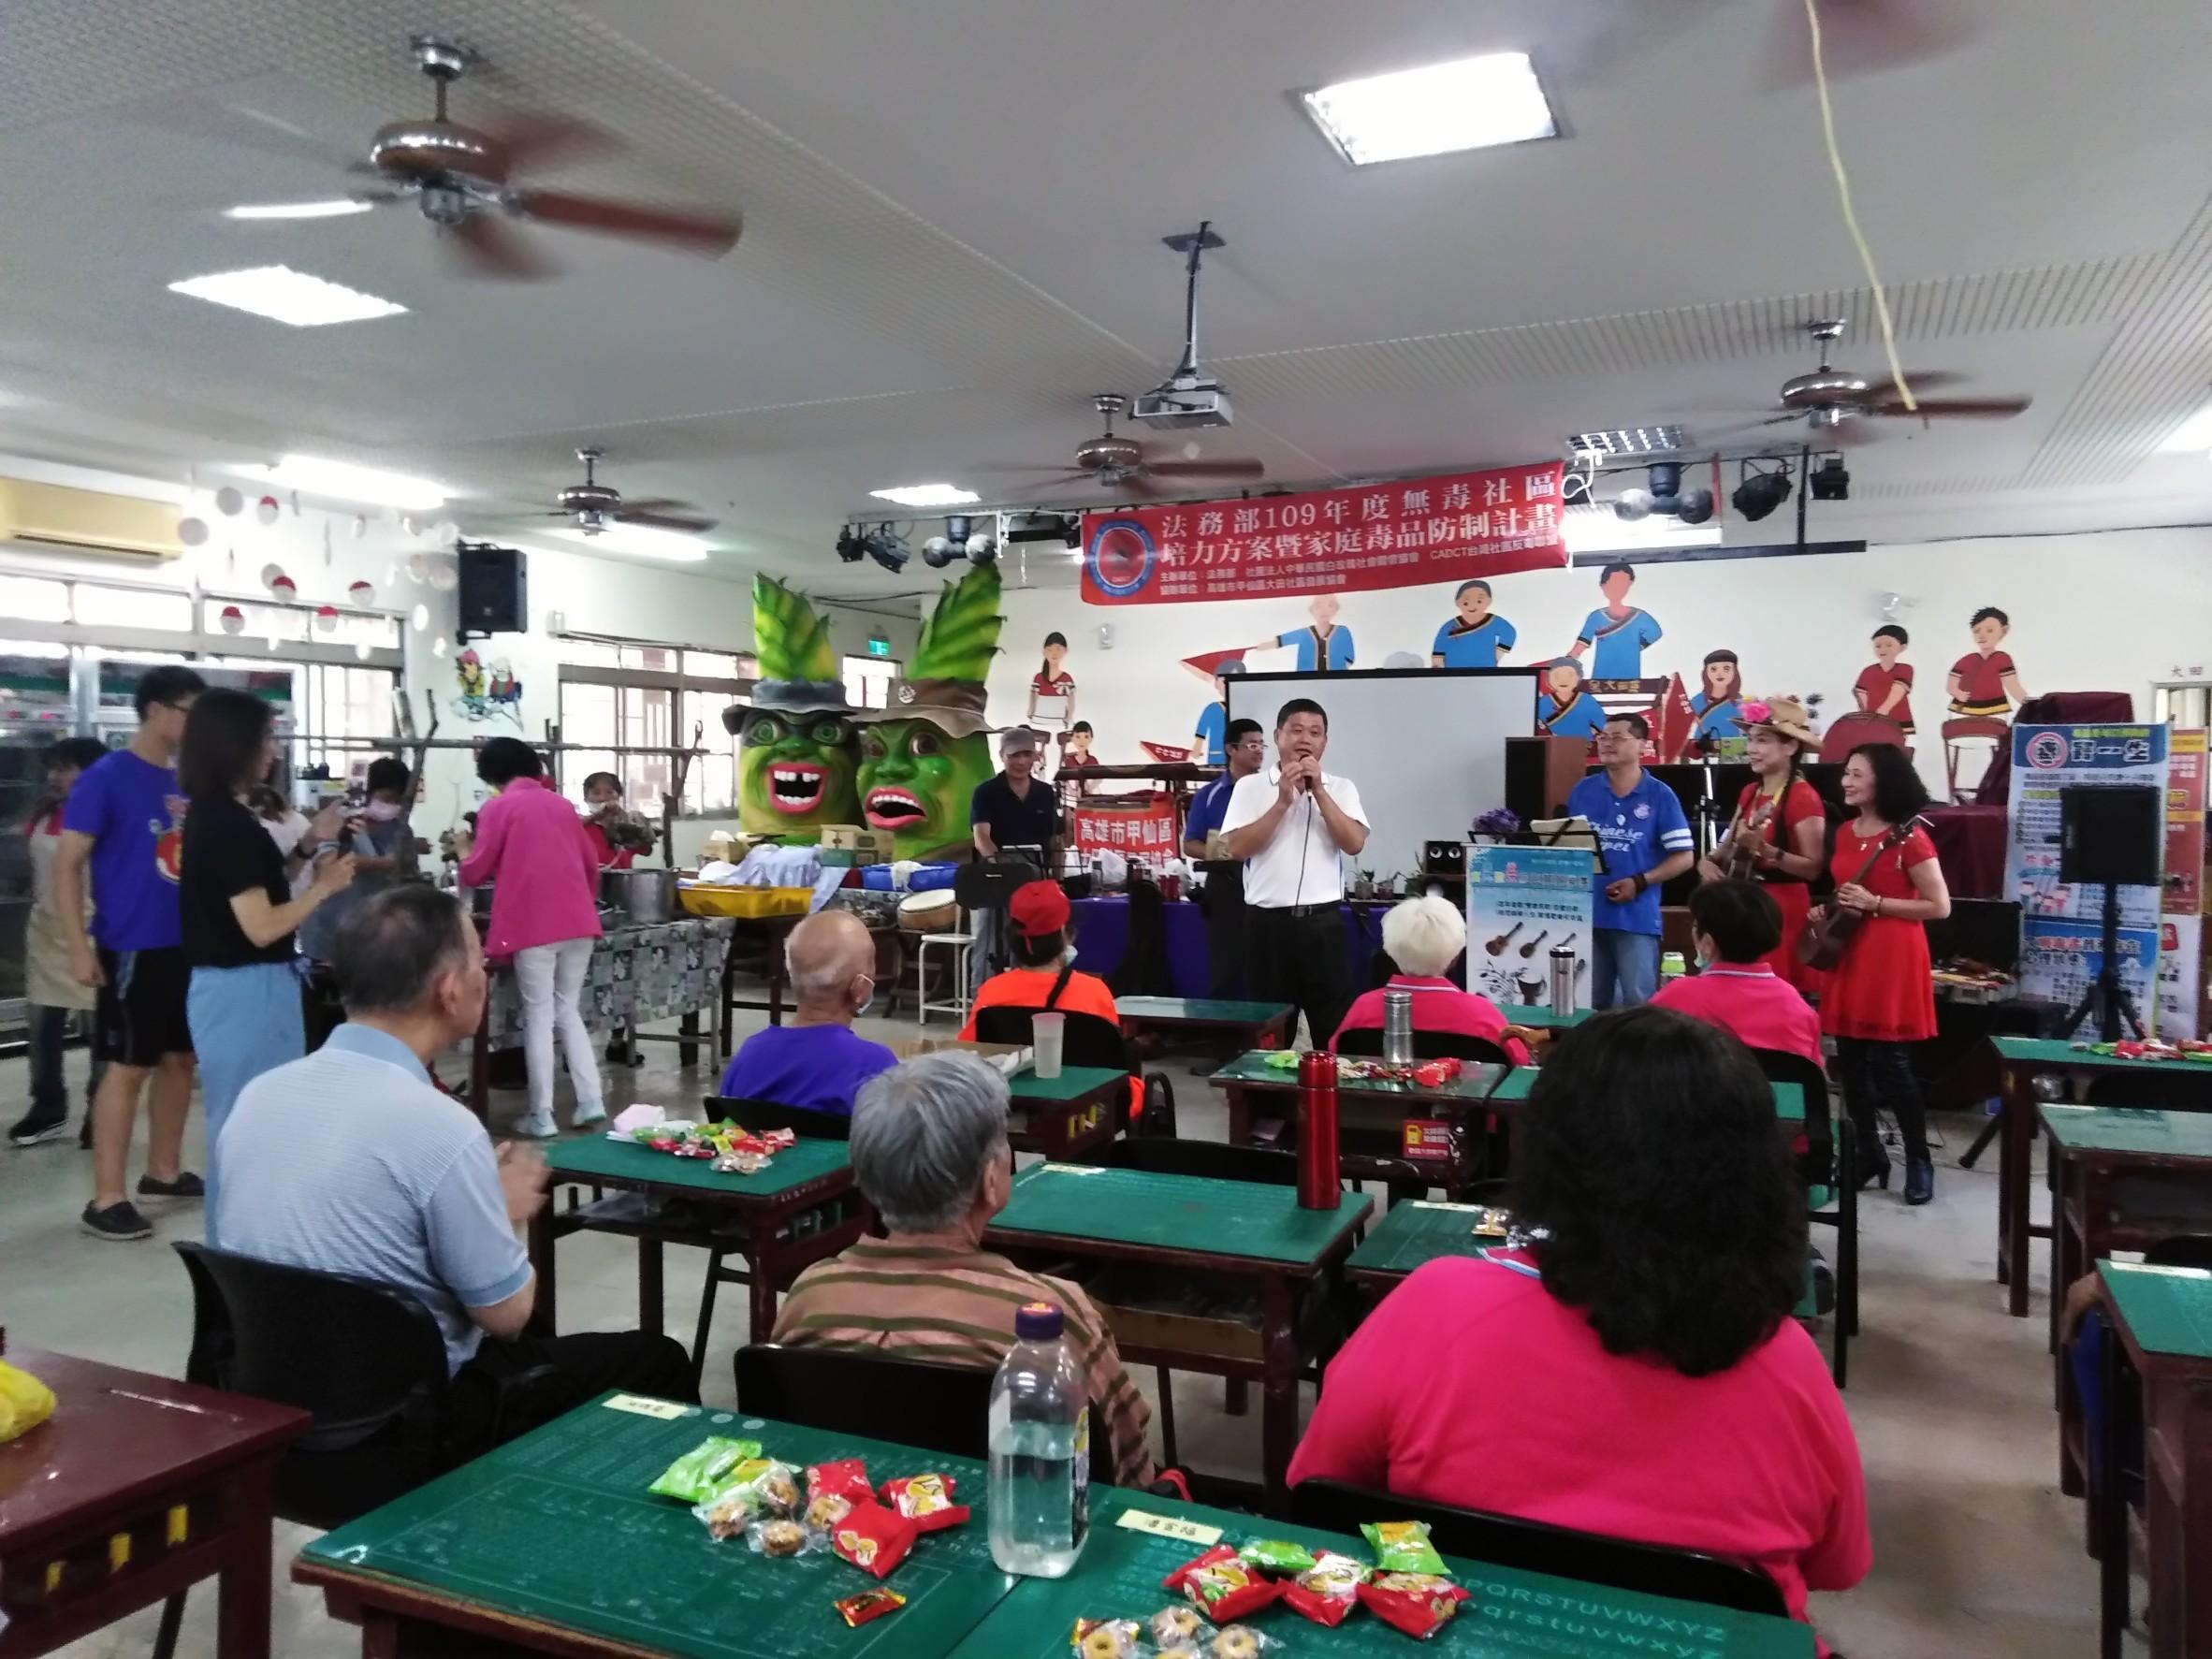 甲仙區婦參小組參與大田社區粽情粽意包粽送暖活動